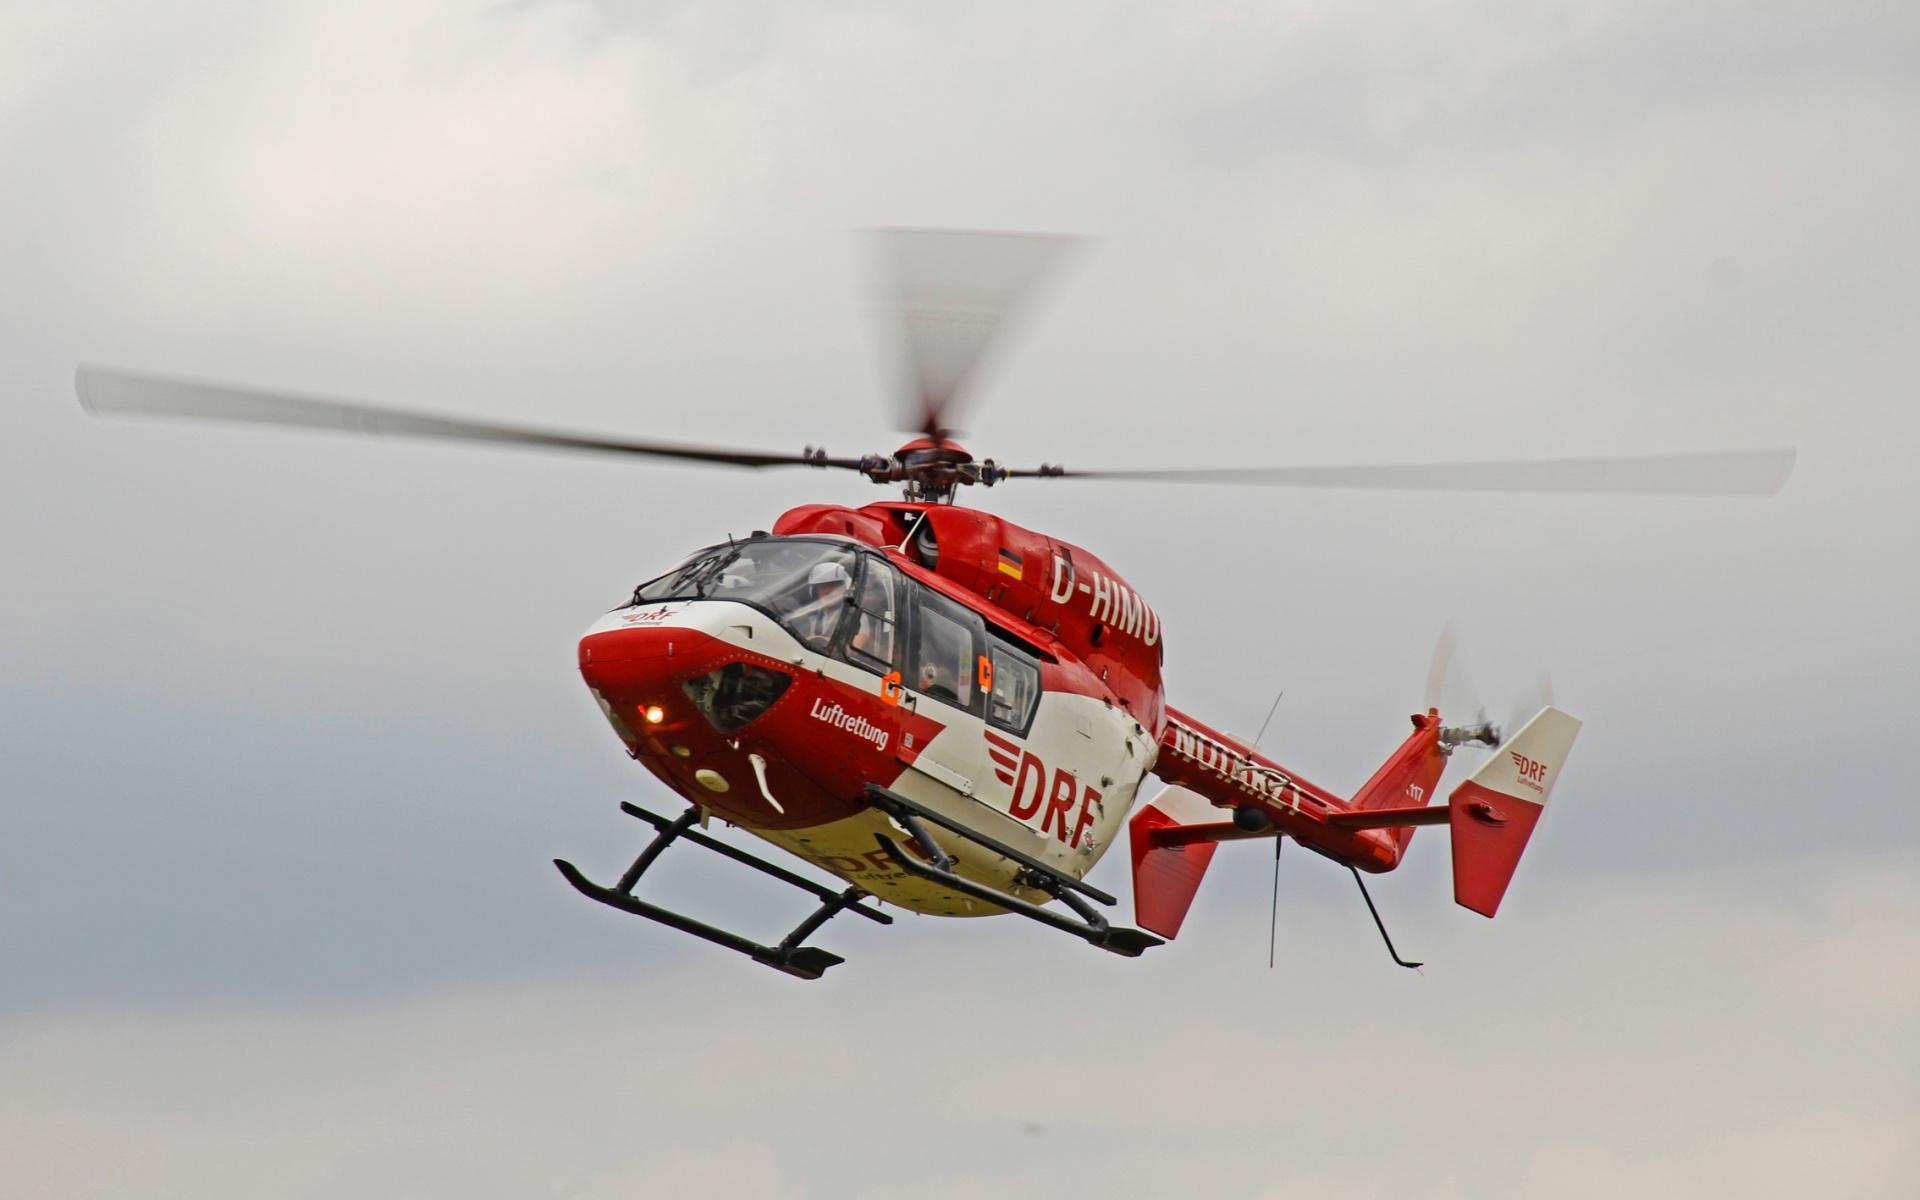 Zu einem schweren Verkehrsunfall wurde die Hallenser Besatzung der DRF Luftrettung Ende November alarmiert. Eine ältere Frau hatte schwere Verletzungen erlitten und musste umgehend in eine Spezialklinik geflogen werden. Symbolbild.